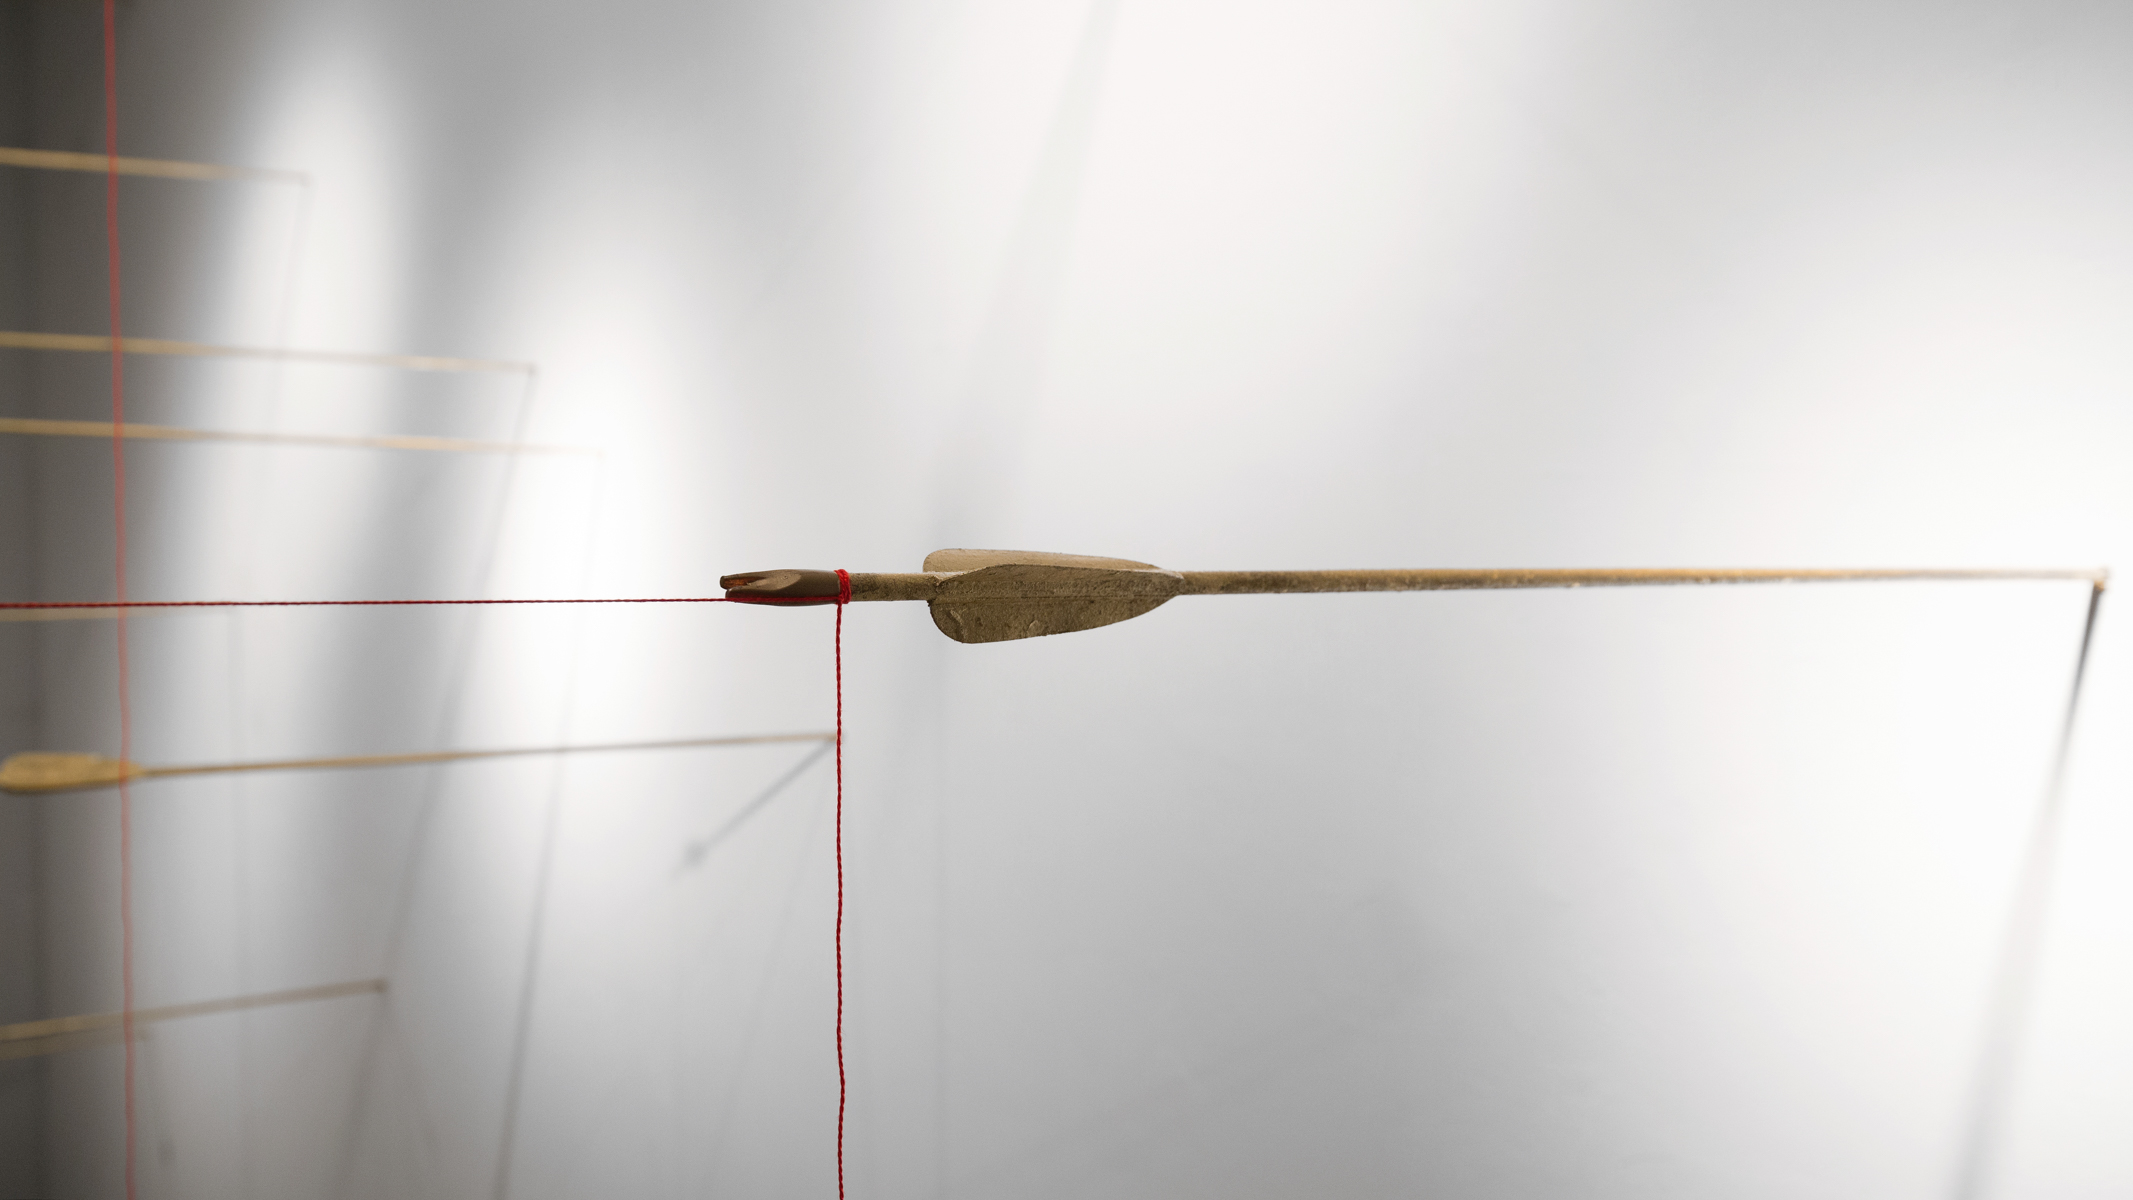 Sam Loewen, sculpture/object installation